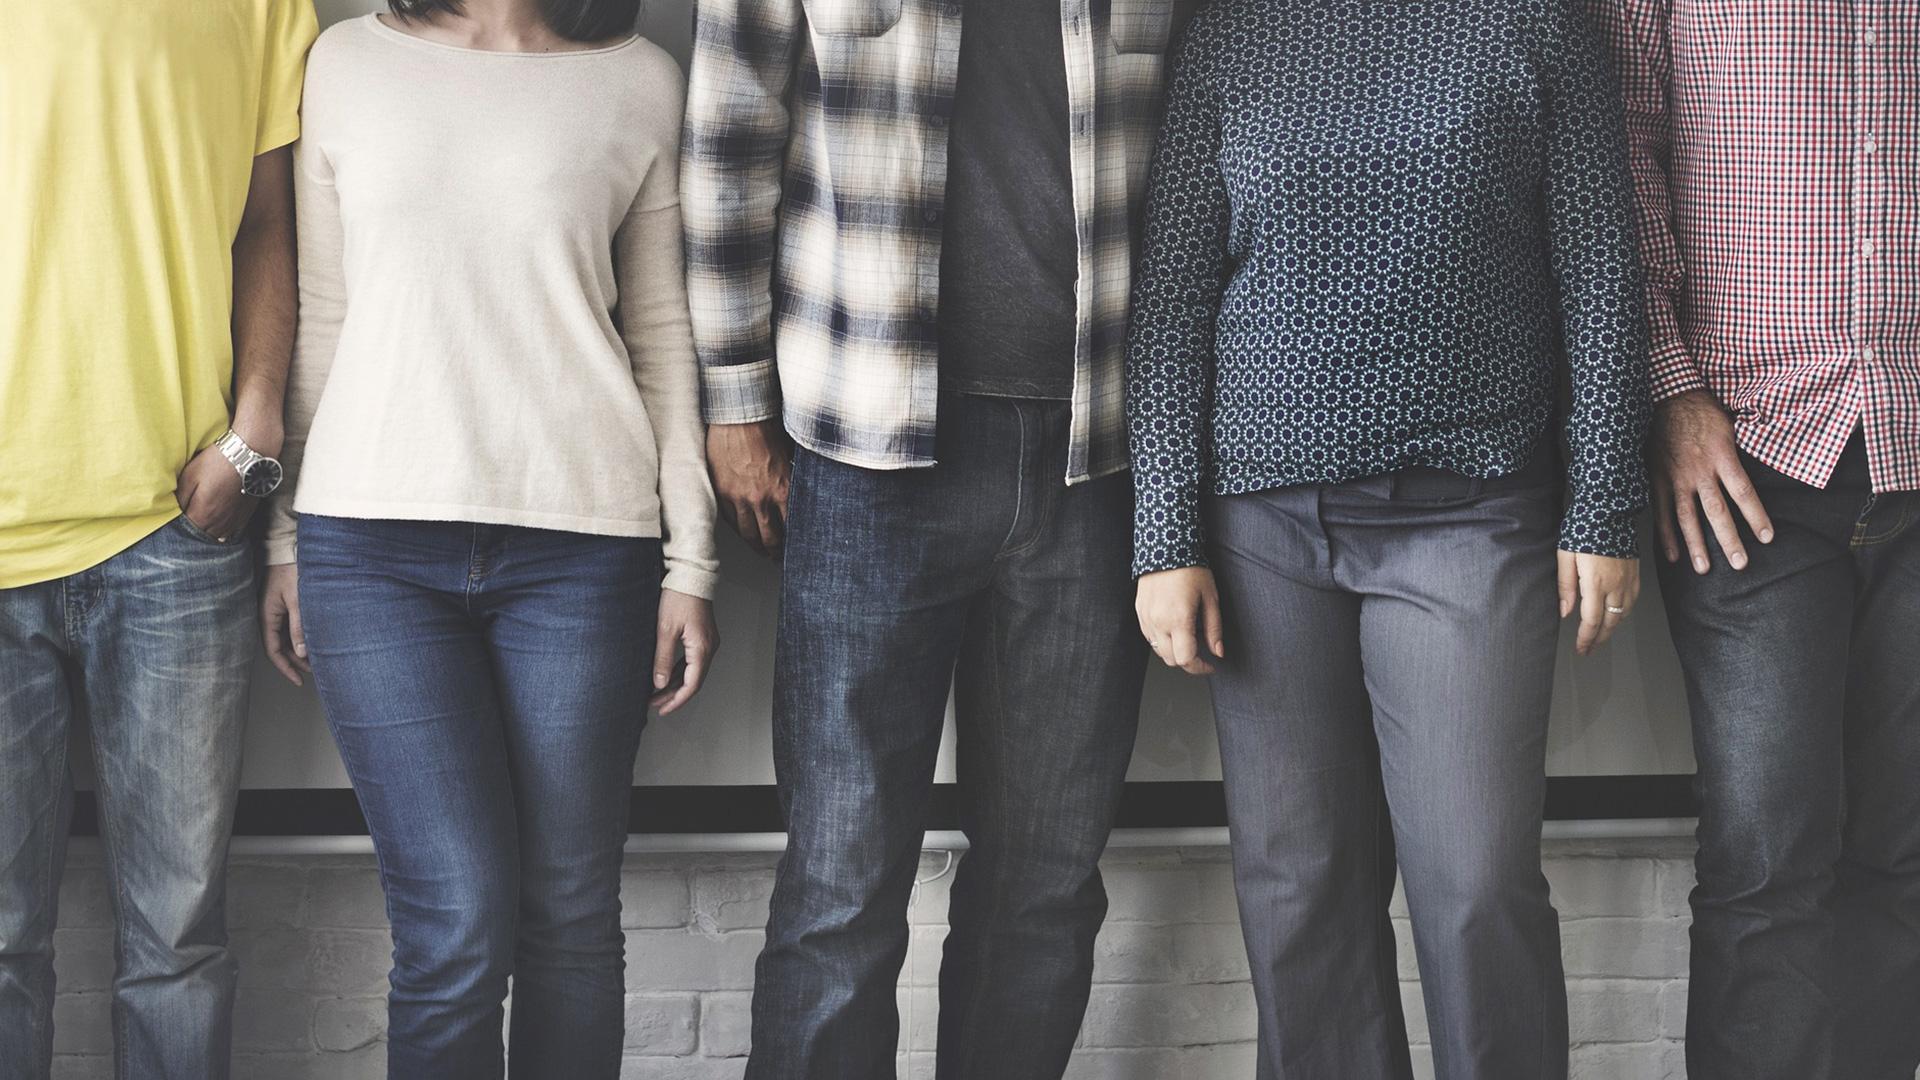 Sommes-nous tous égaux face au poids?